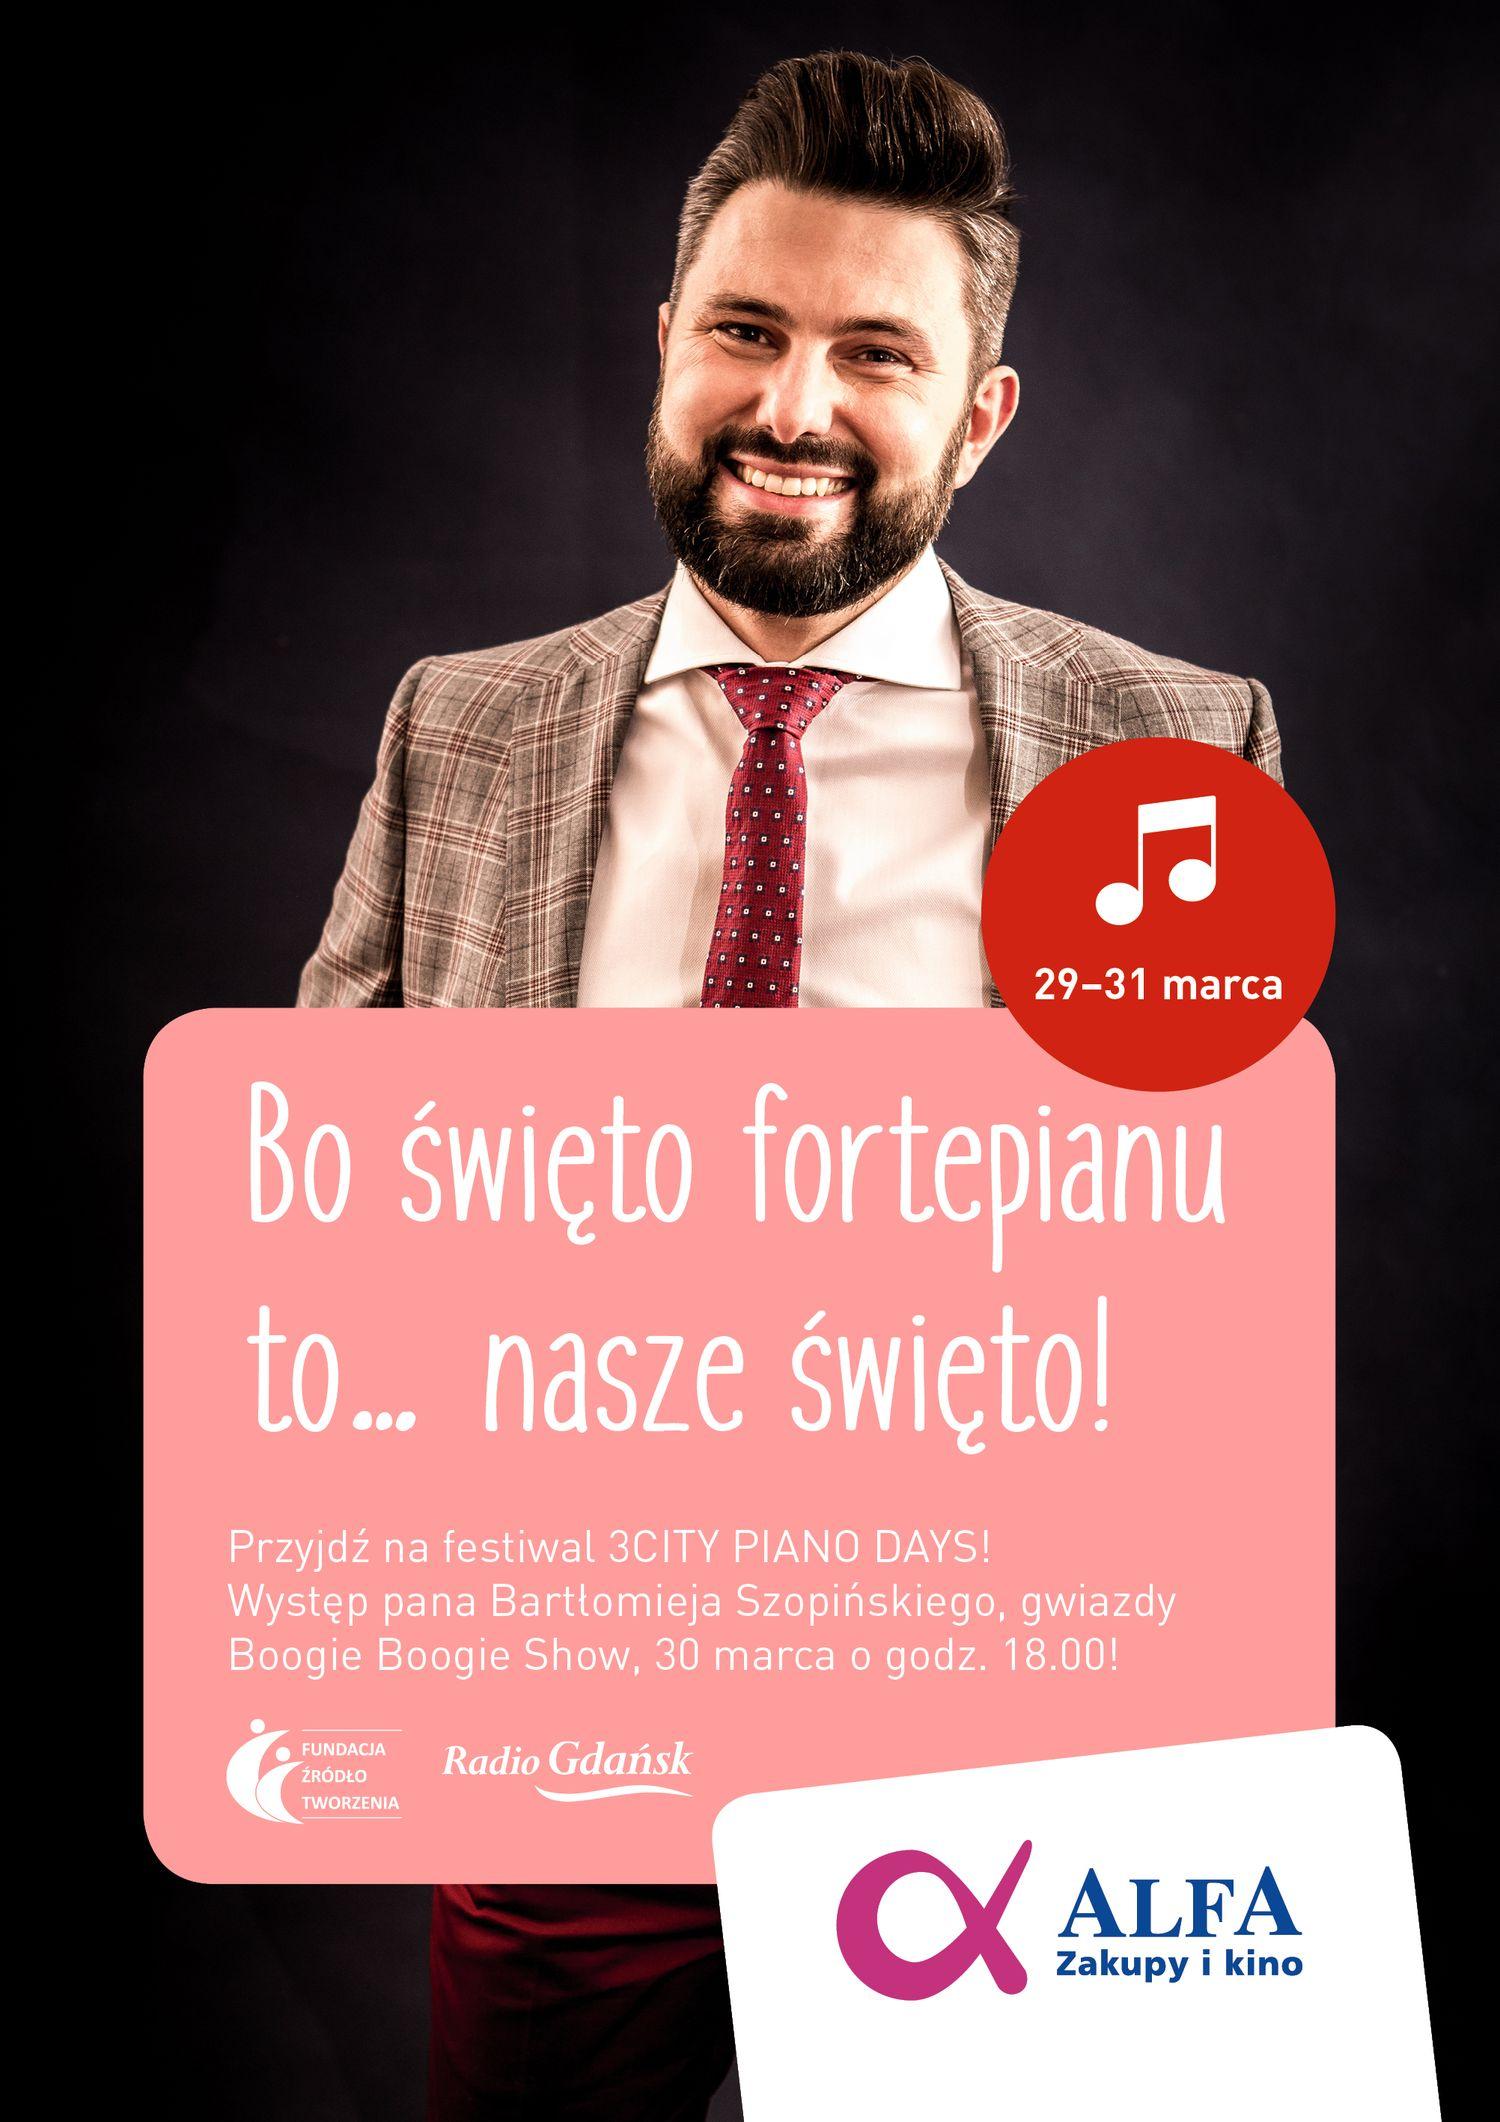 Międzynarodowe Święto Fortepianu w Alfa Centrum